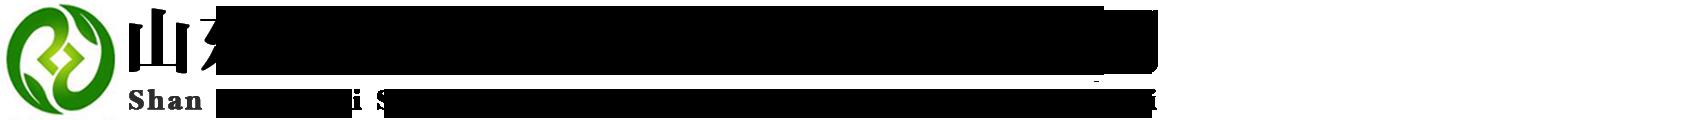 山东泰安行星环保山猫直播网页版|主页山猫直播网页版|主页限公司